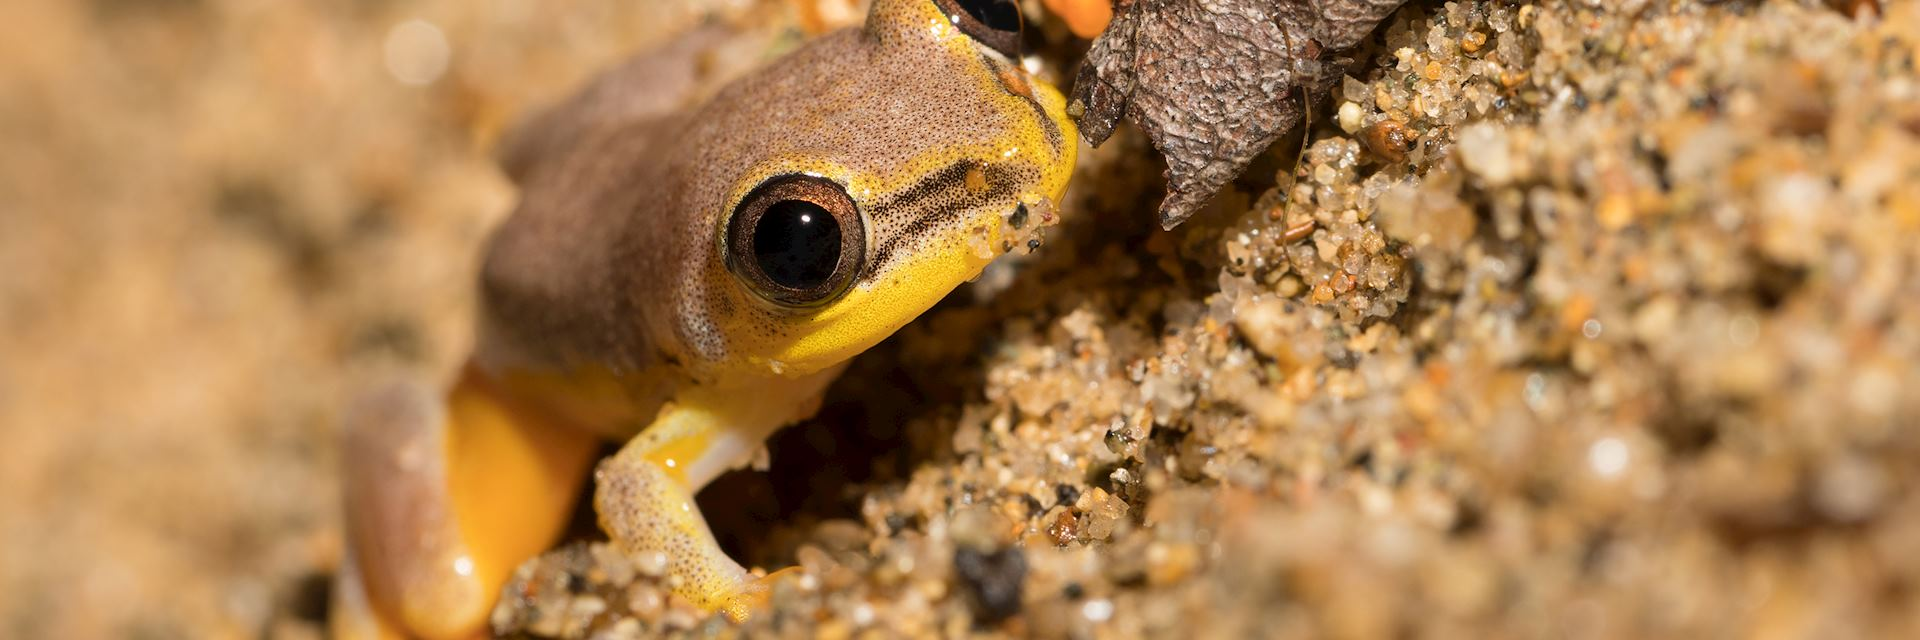 Yellow tree frog, Maroantsetra